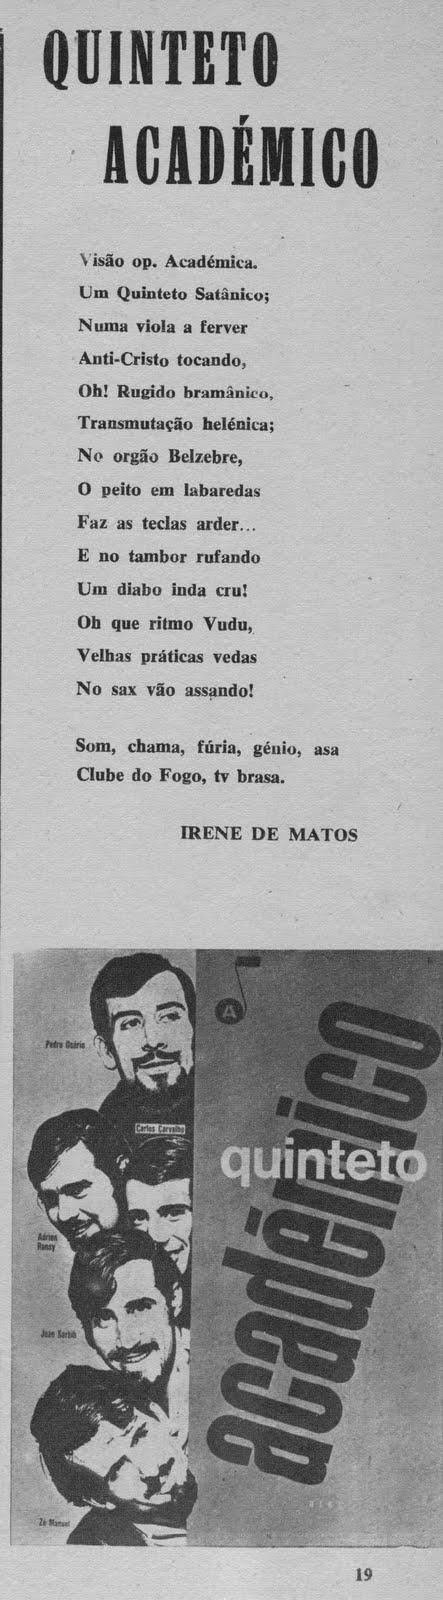 Paulo Barros - Gemini